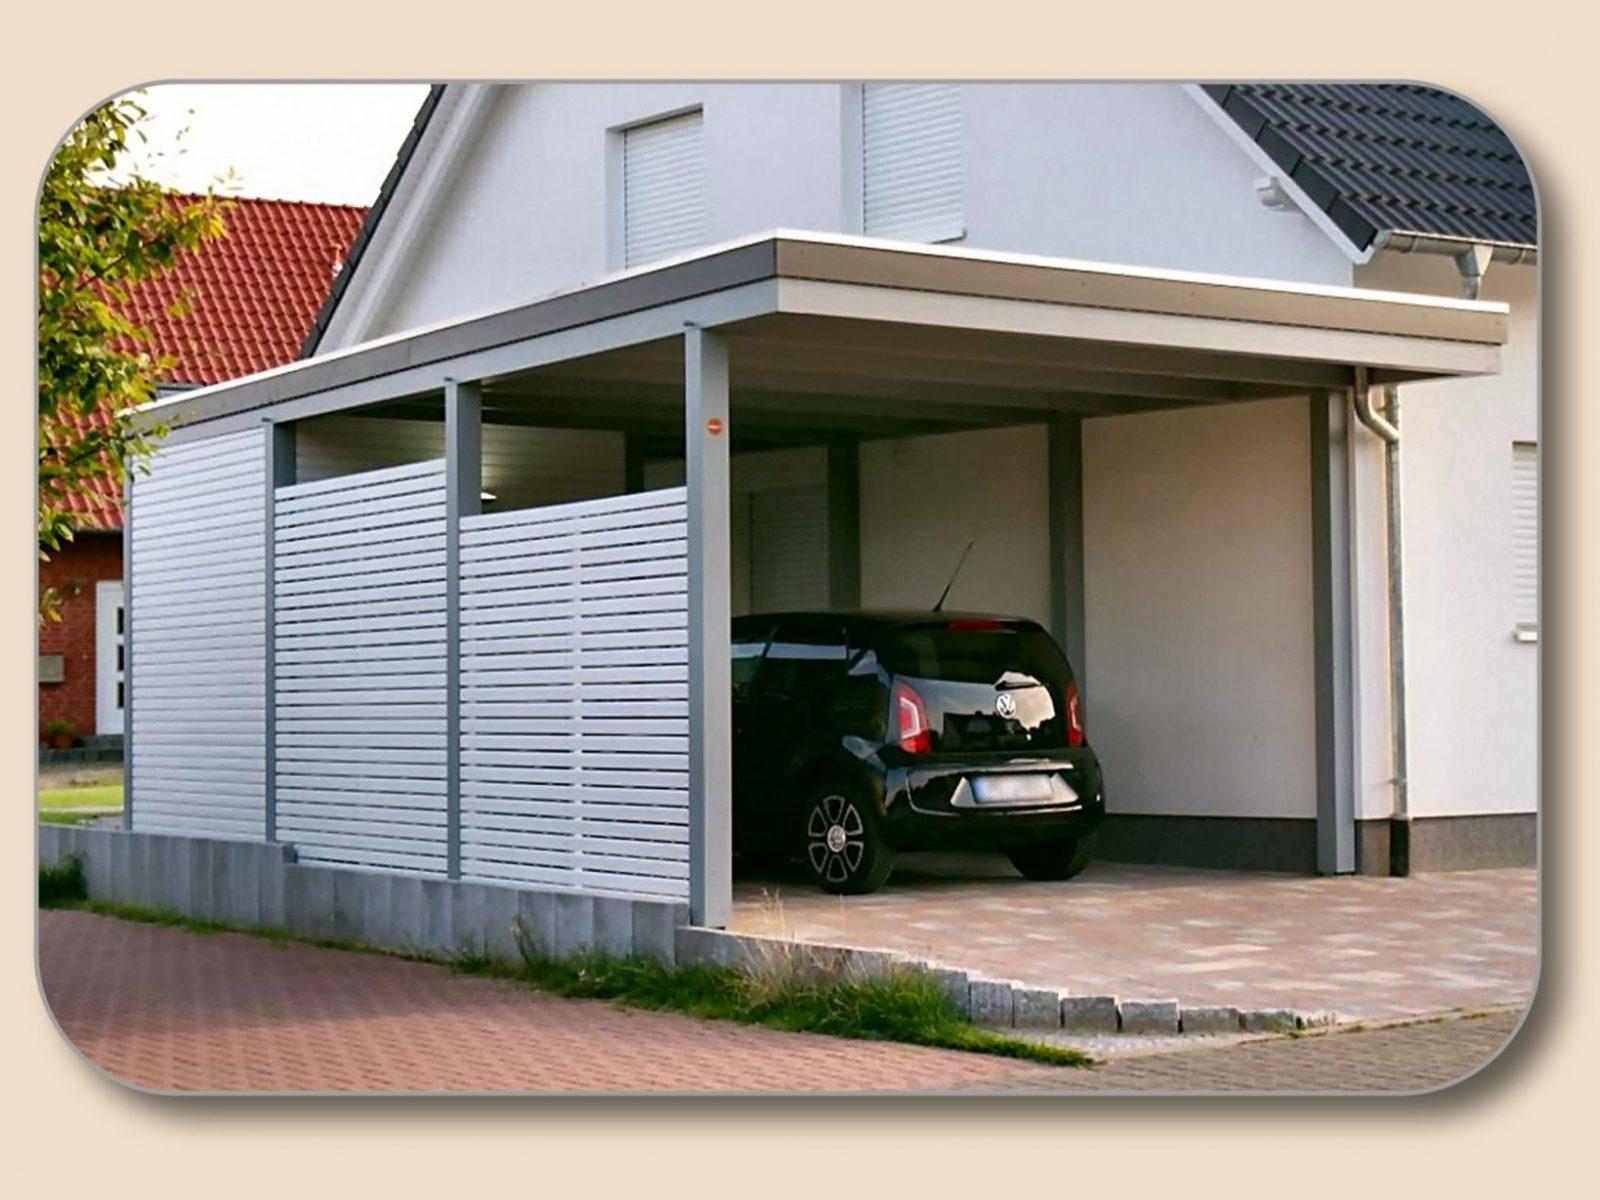 Carport Terrassenüberdachung Gartensauna Pavillon Holz Glas von Carport Am Haus Modern Bild